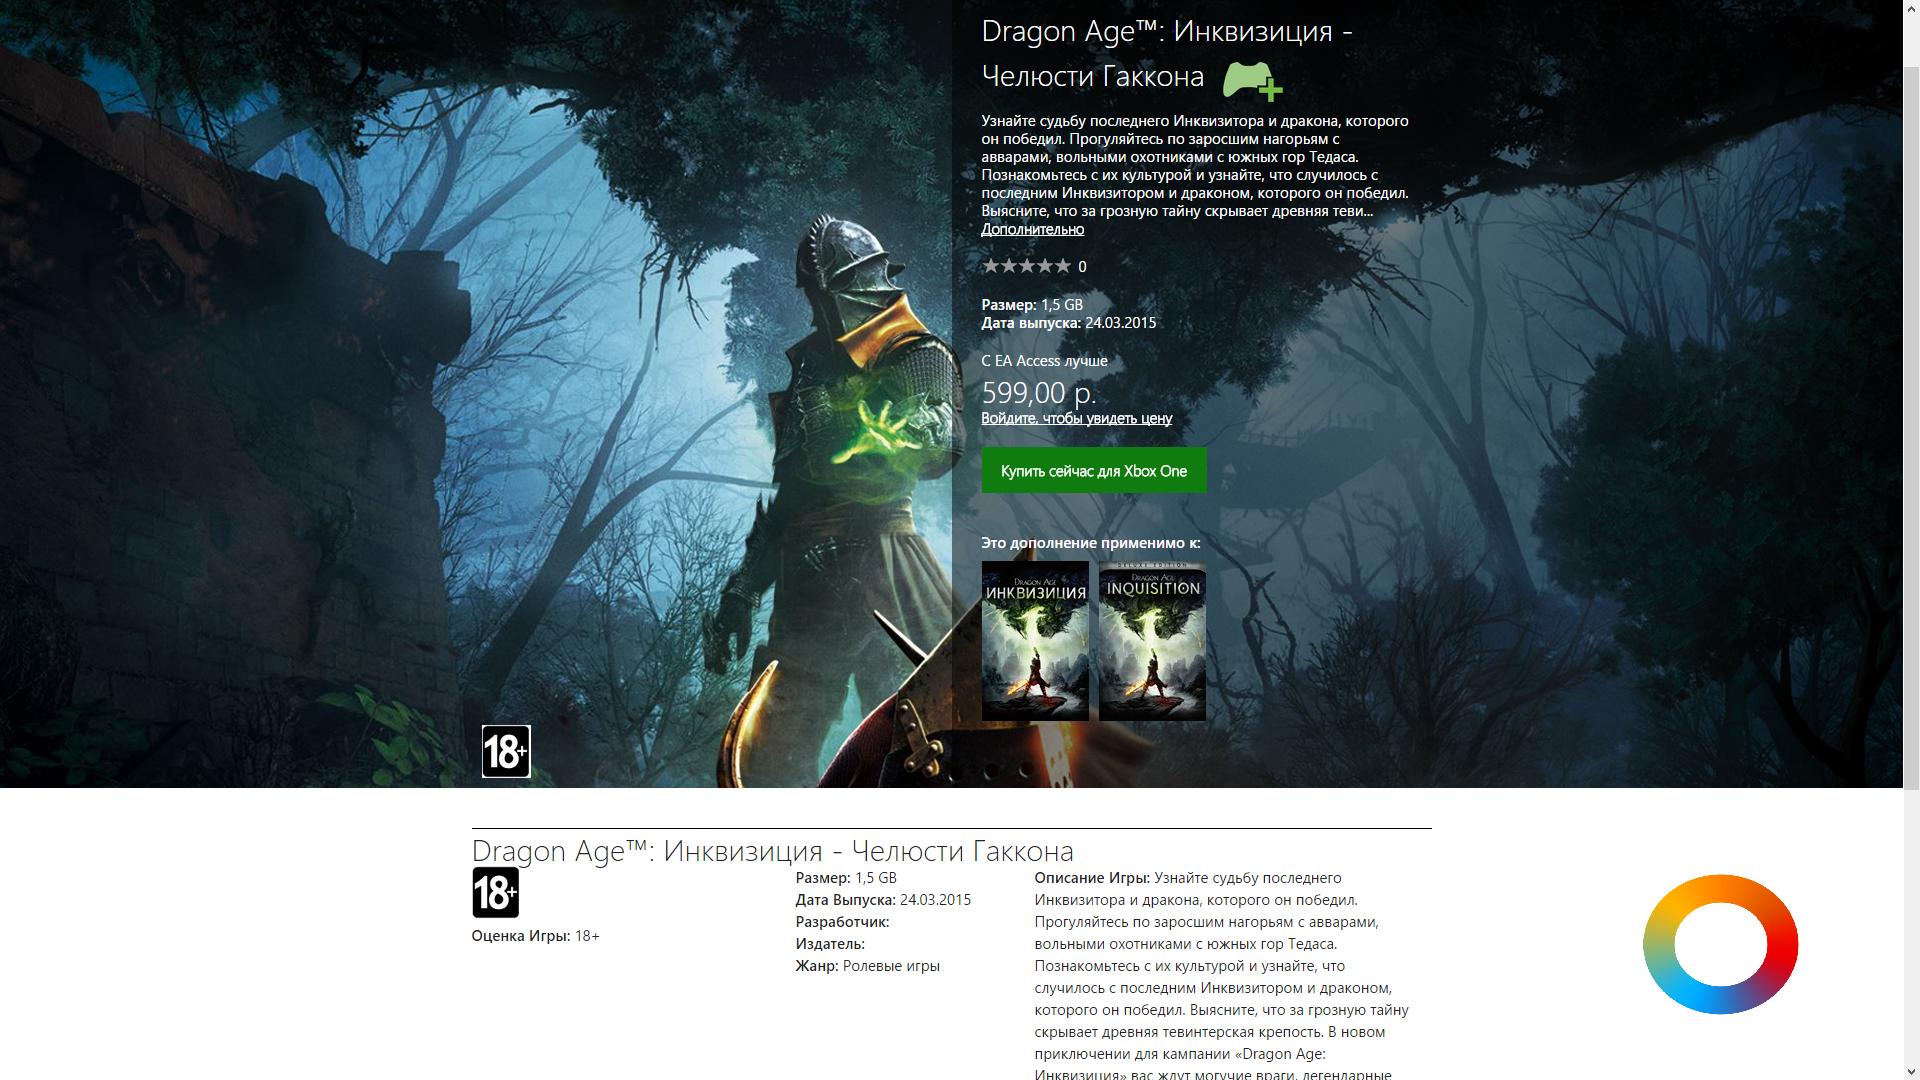 Первое сюжетное дополнение для Dragon Age: Inquisition стало по ошибке доступно для покупки в Xbox . - Изображение 2